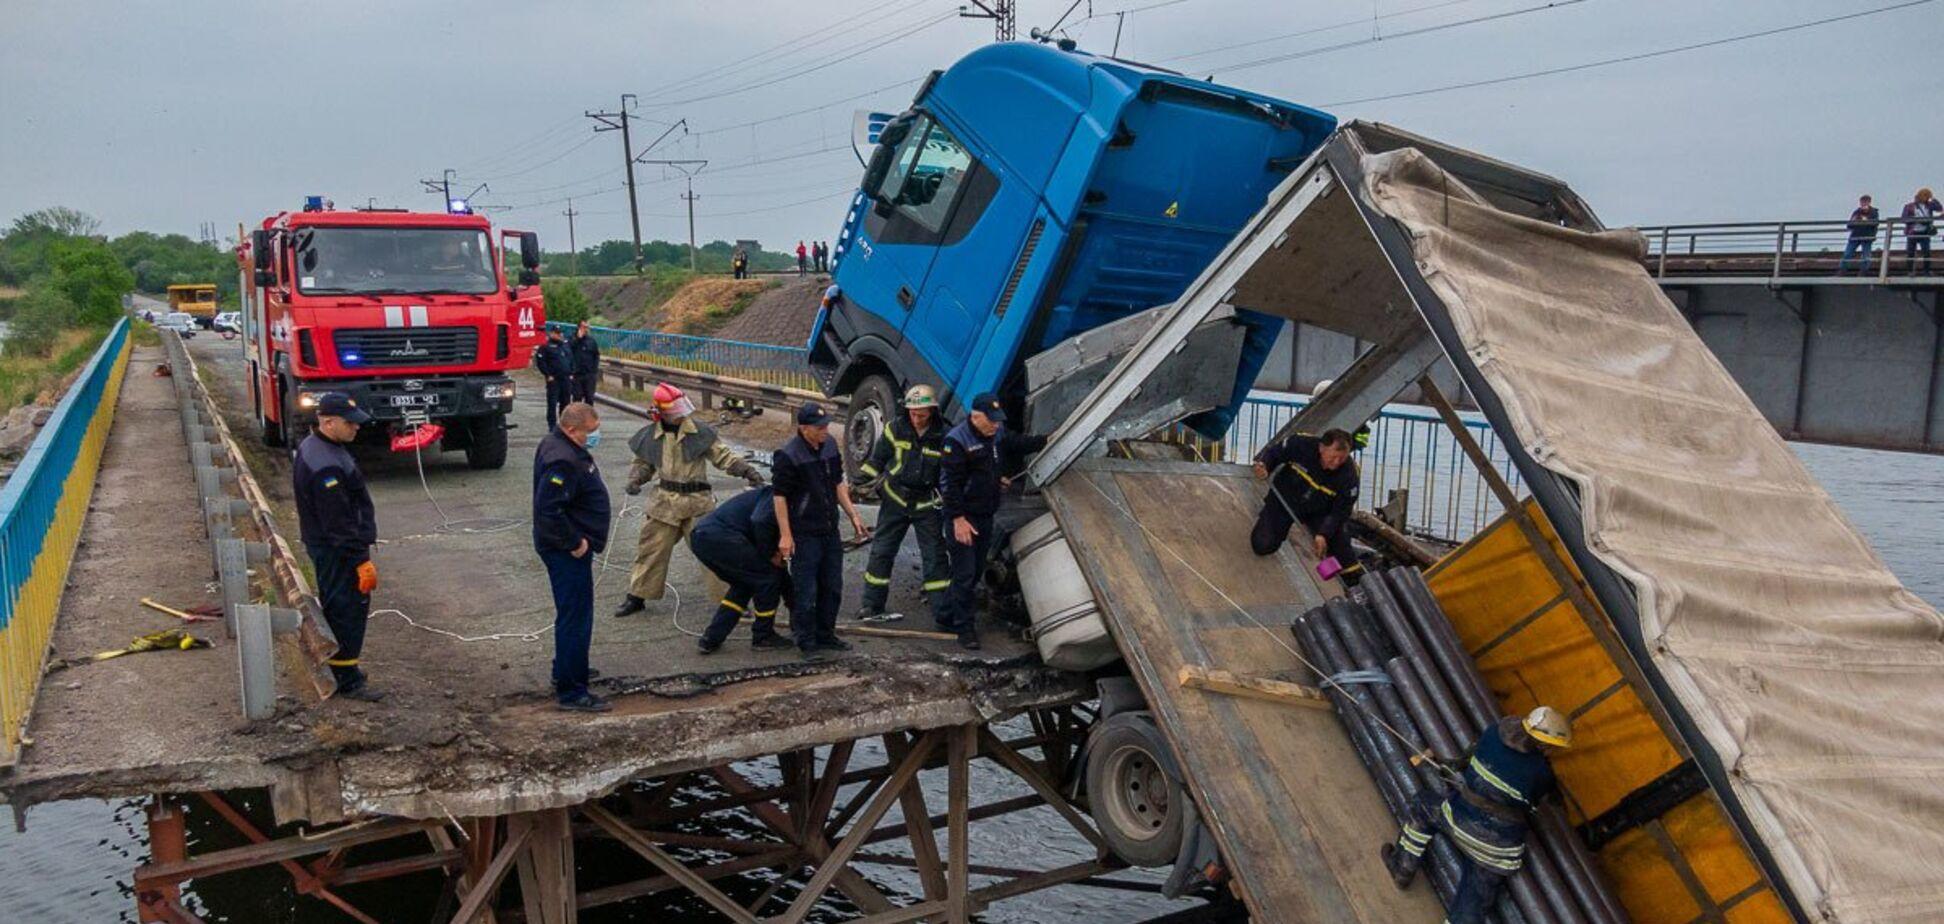 Потонула фура: момент обвалення моста під Дніпром потрапив на відео